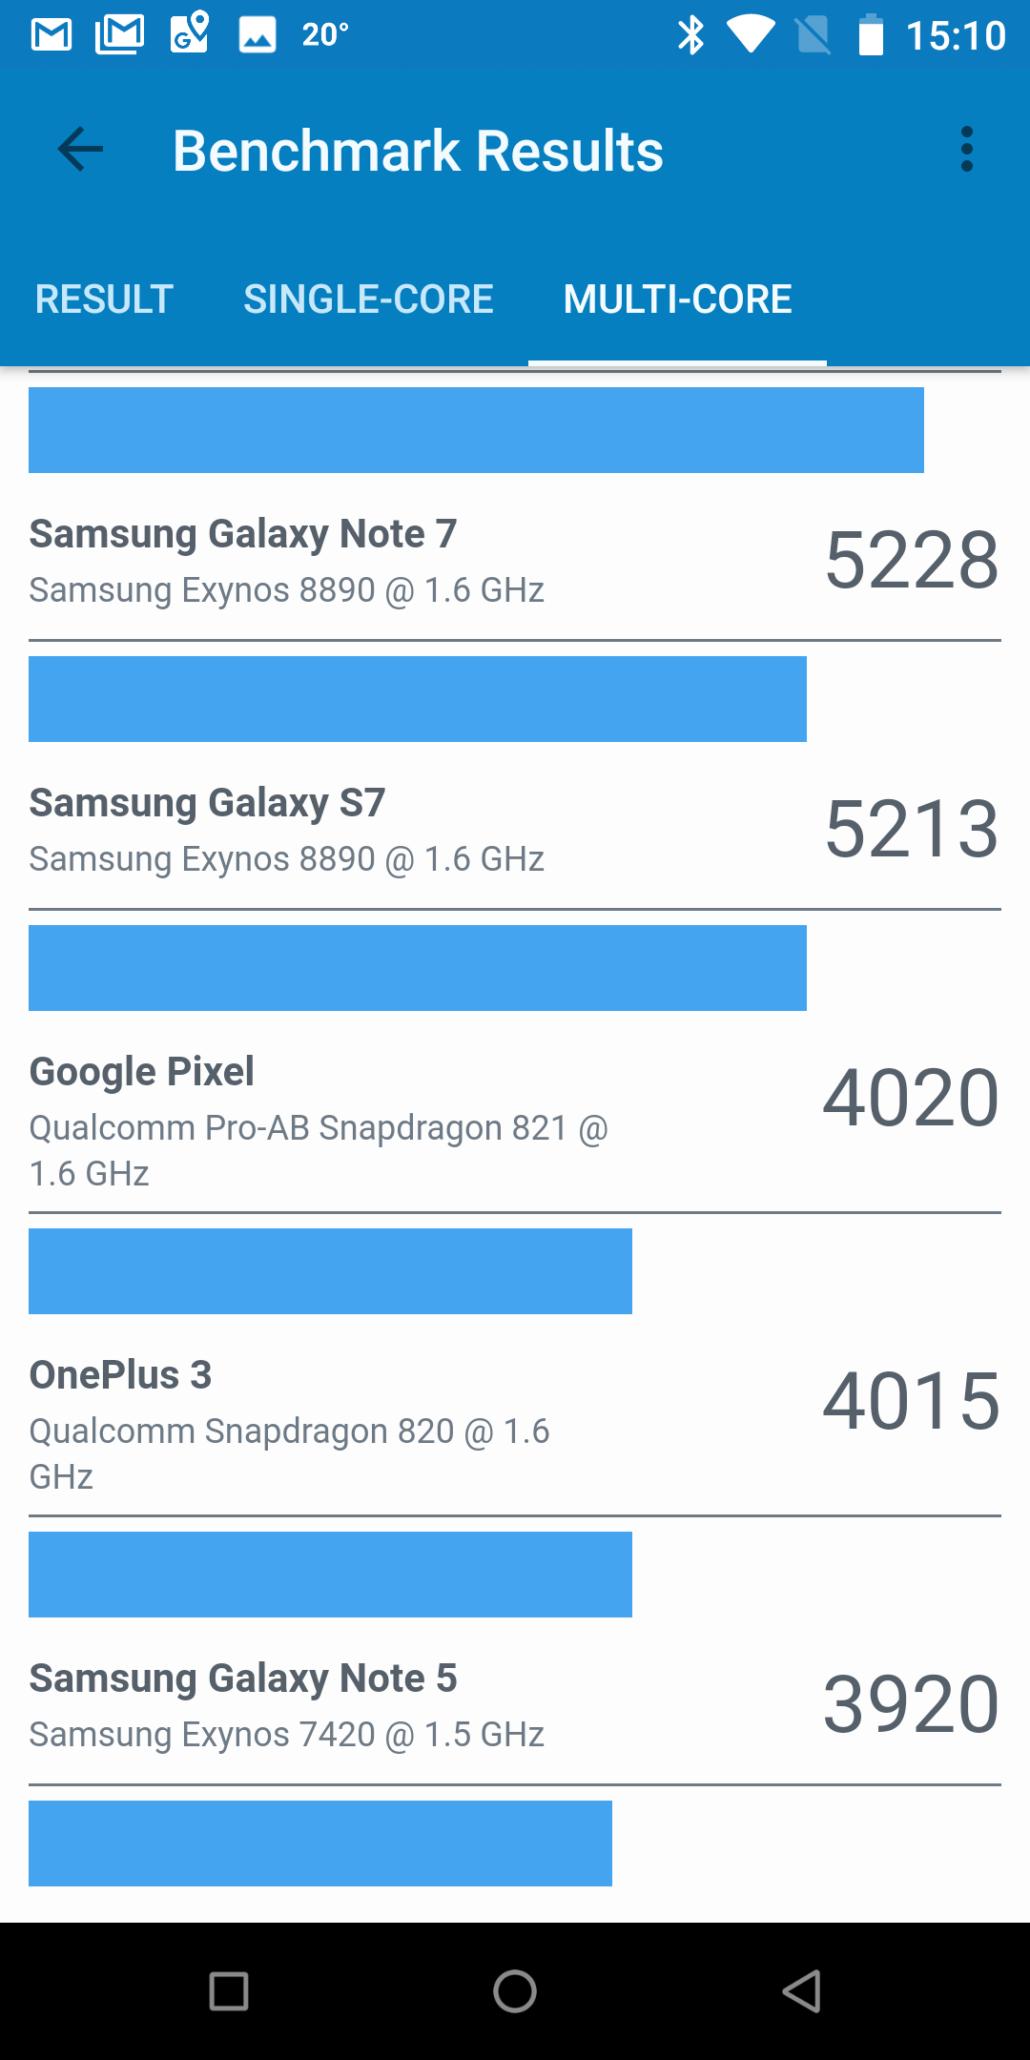 oukitel-k7-phone-review-06-part-4-geekbench-multicore-comparison-part-2